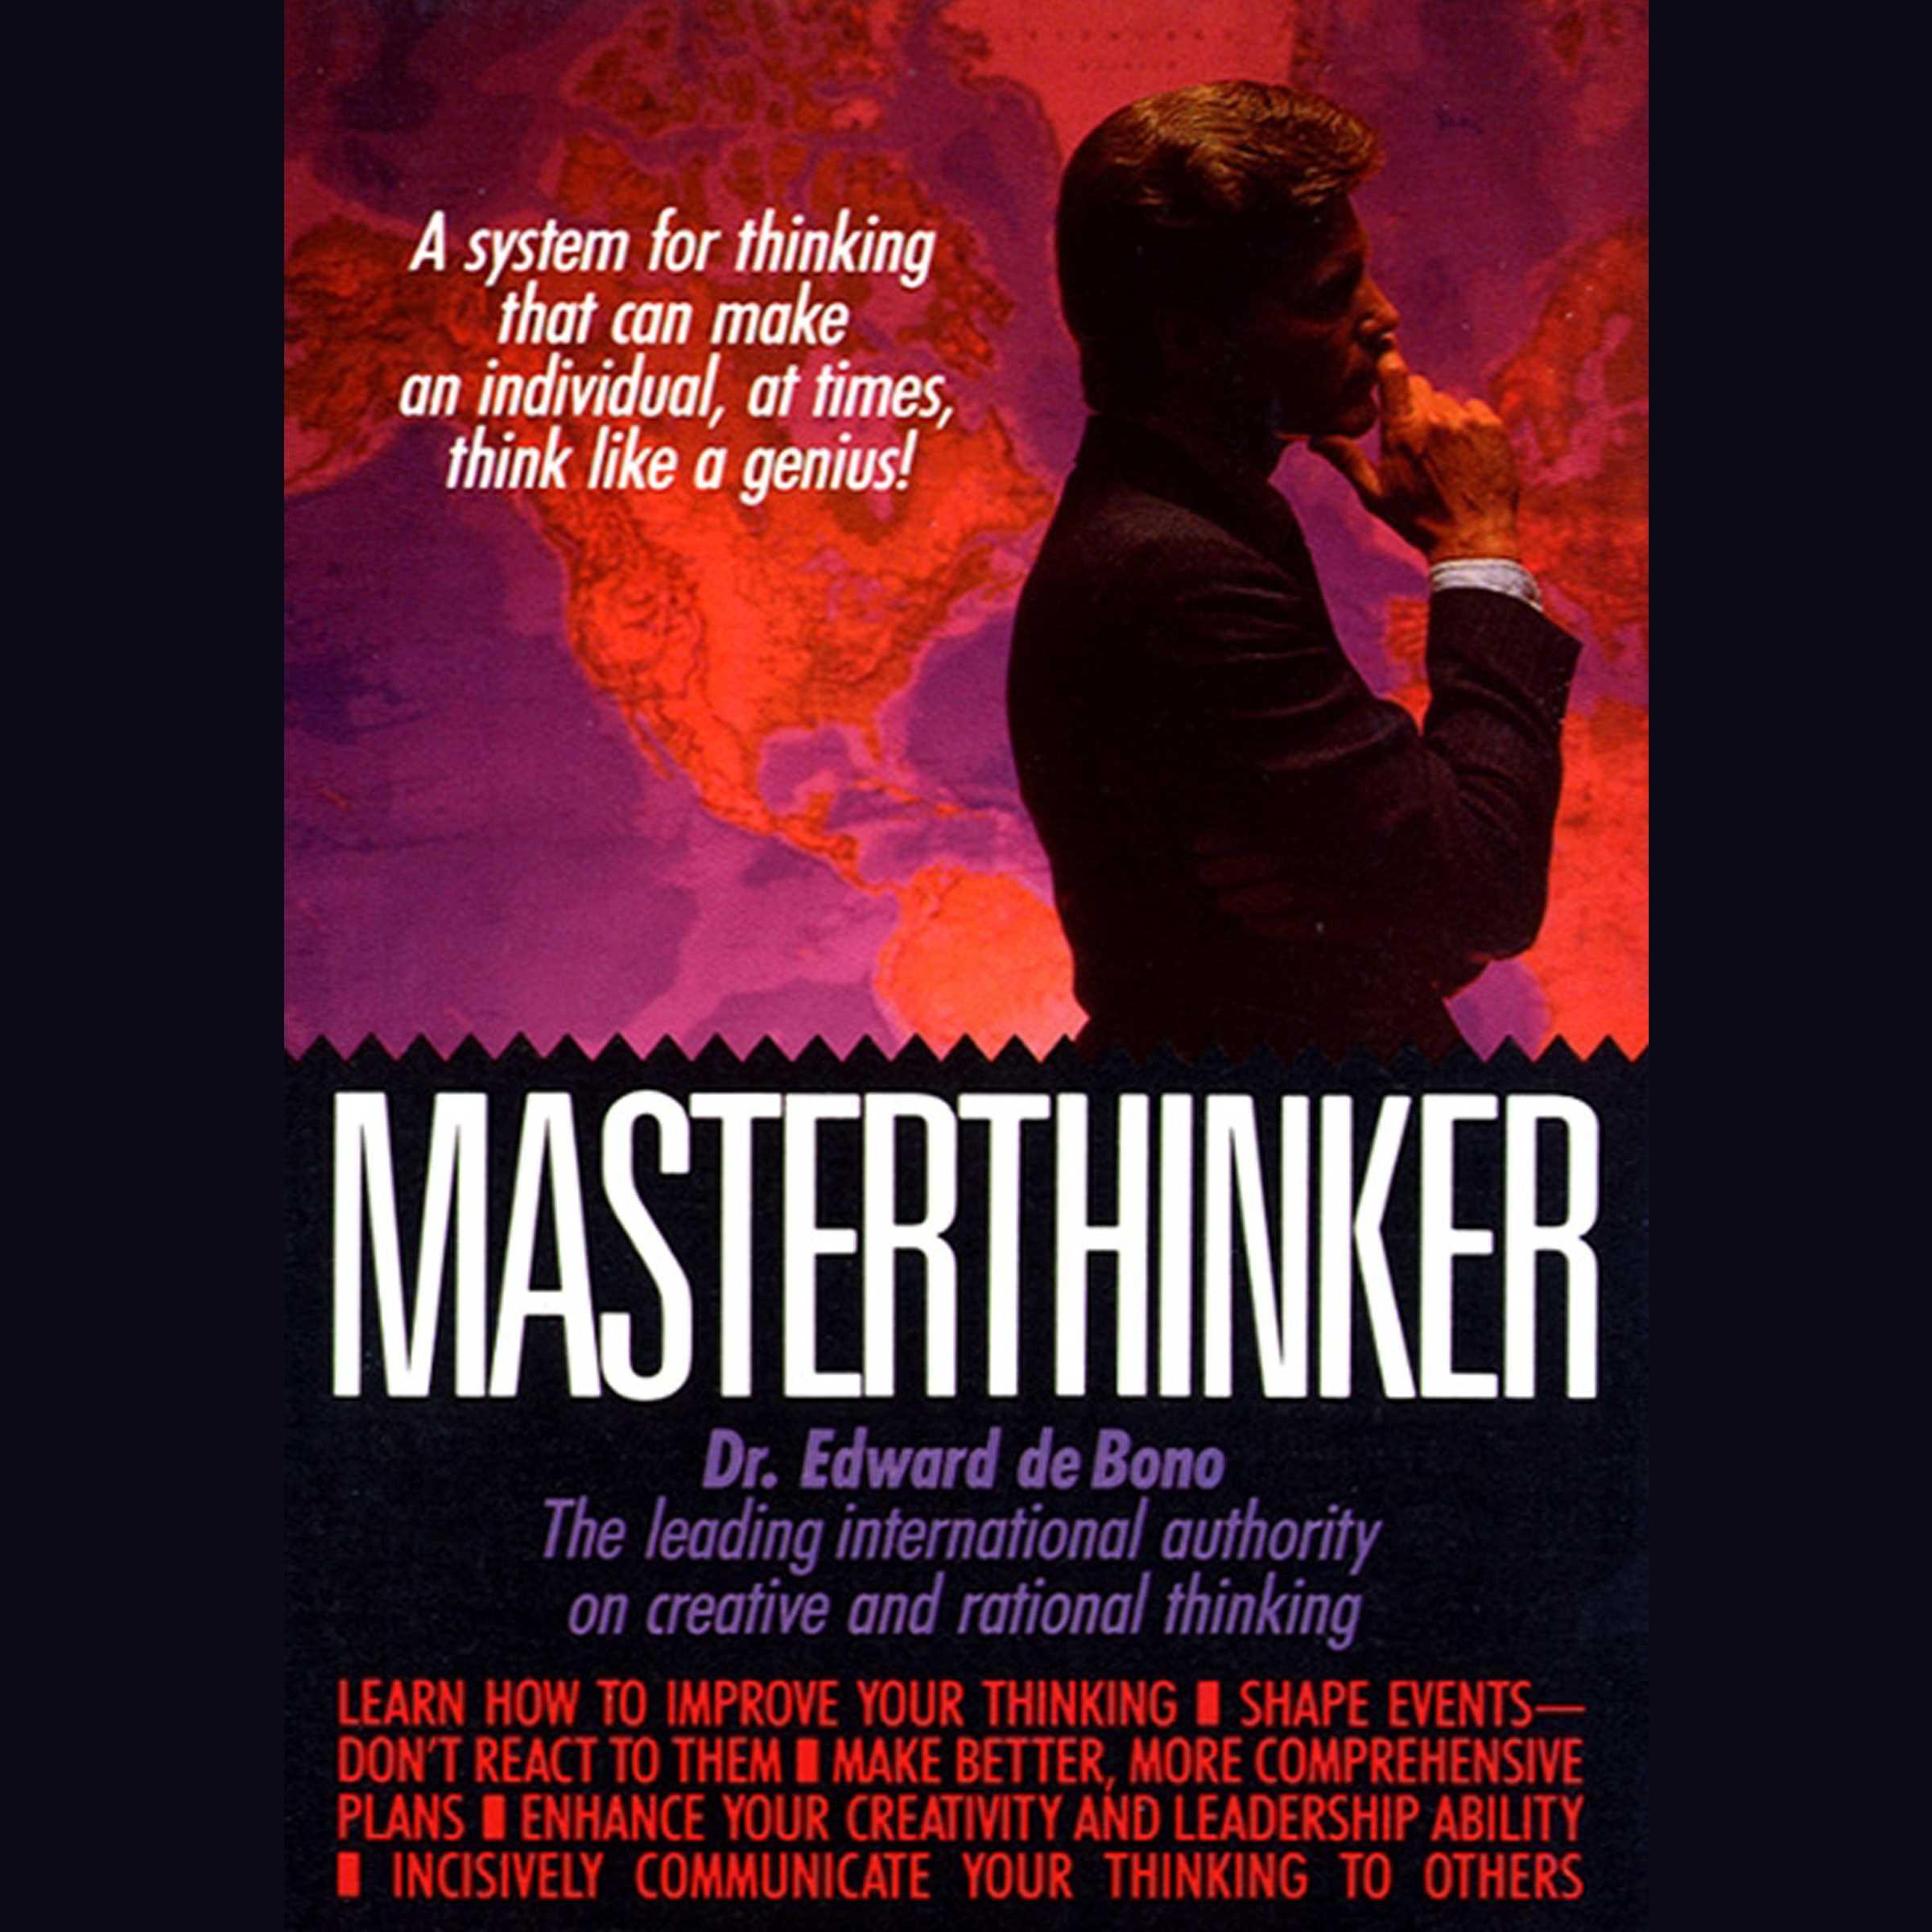 Masterthinker 9780743540711 hr